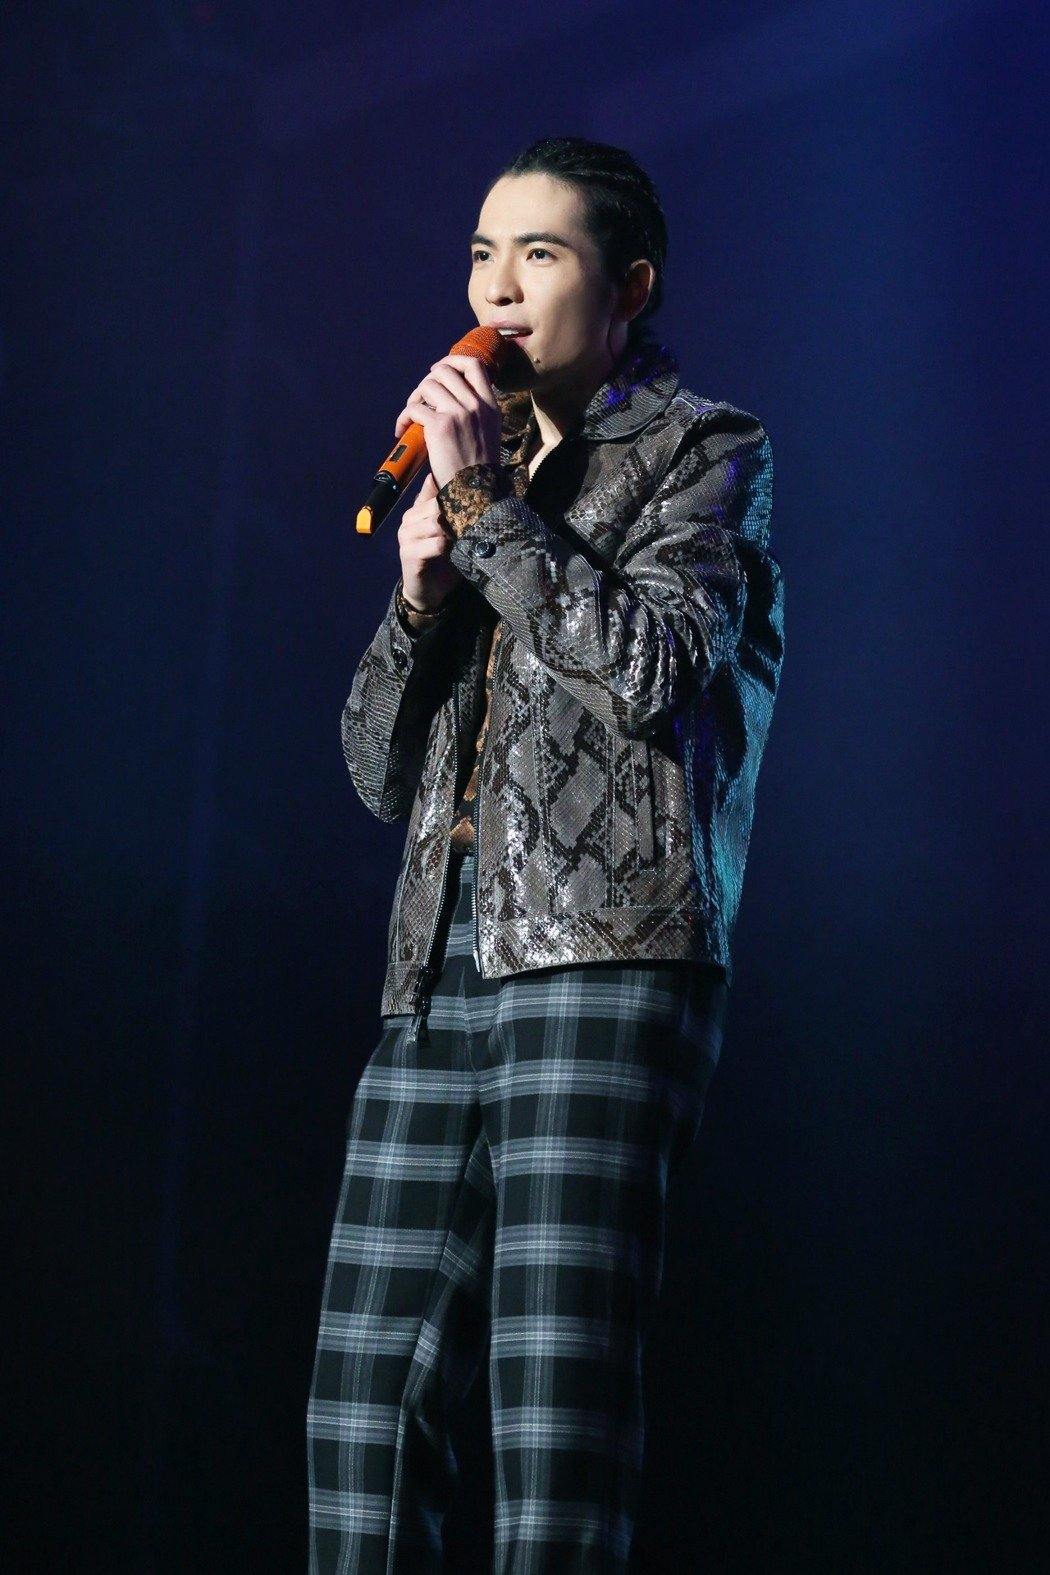 蕭敬騰將於高雄夢時代跨年壓軸演唱,陪粉絲迎新年。圖/華納音樂提供